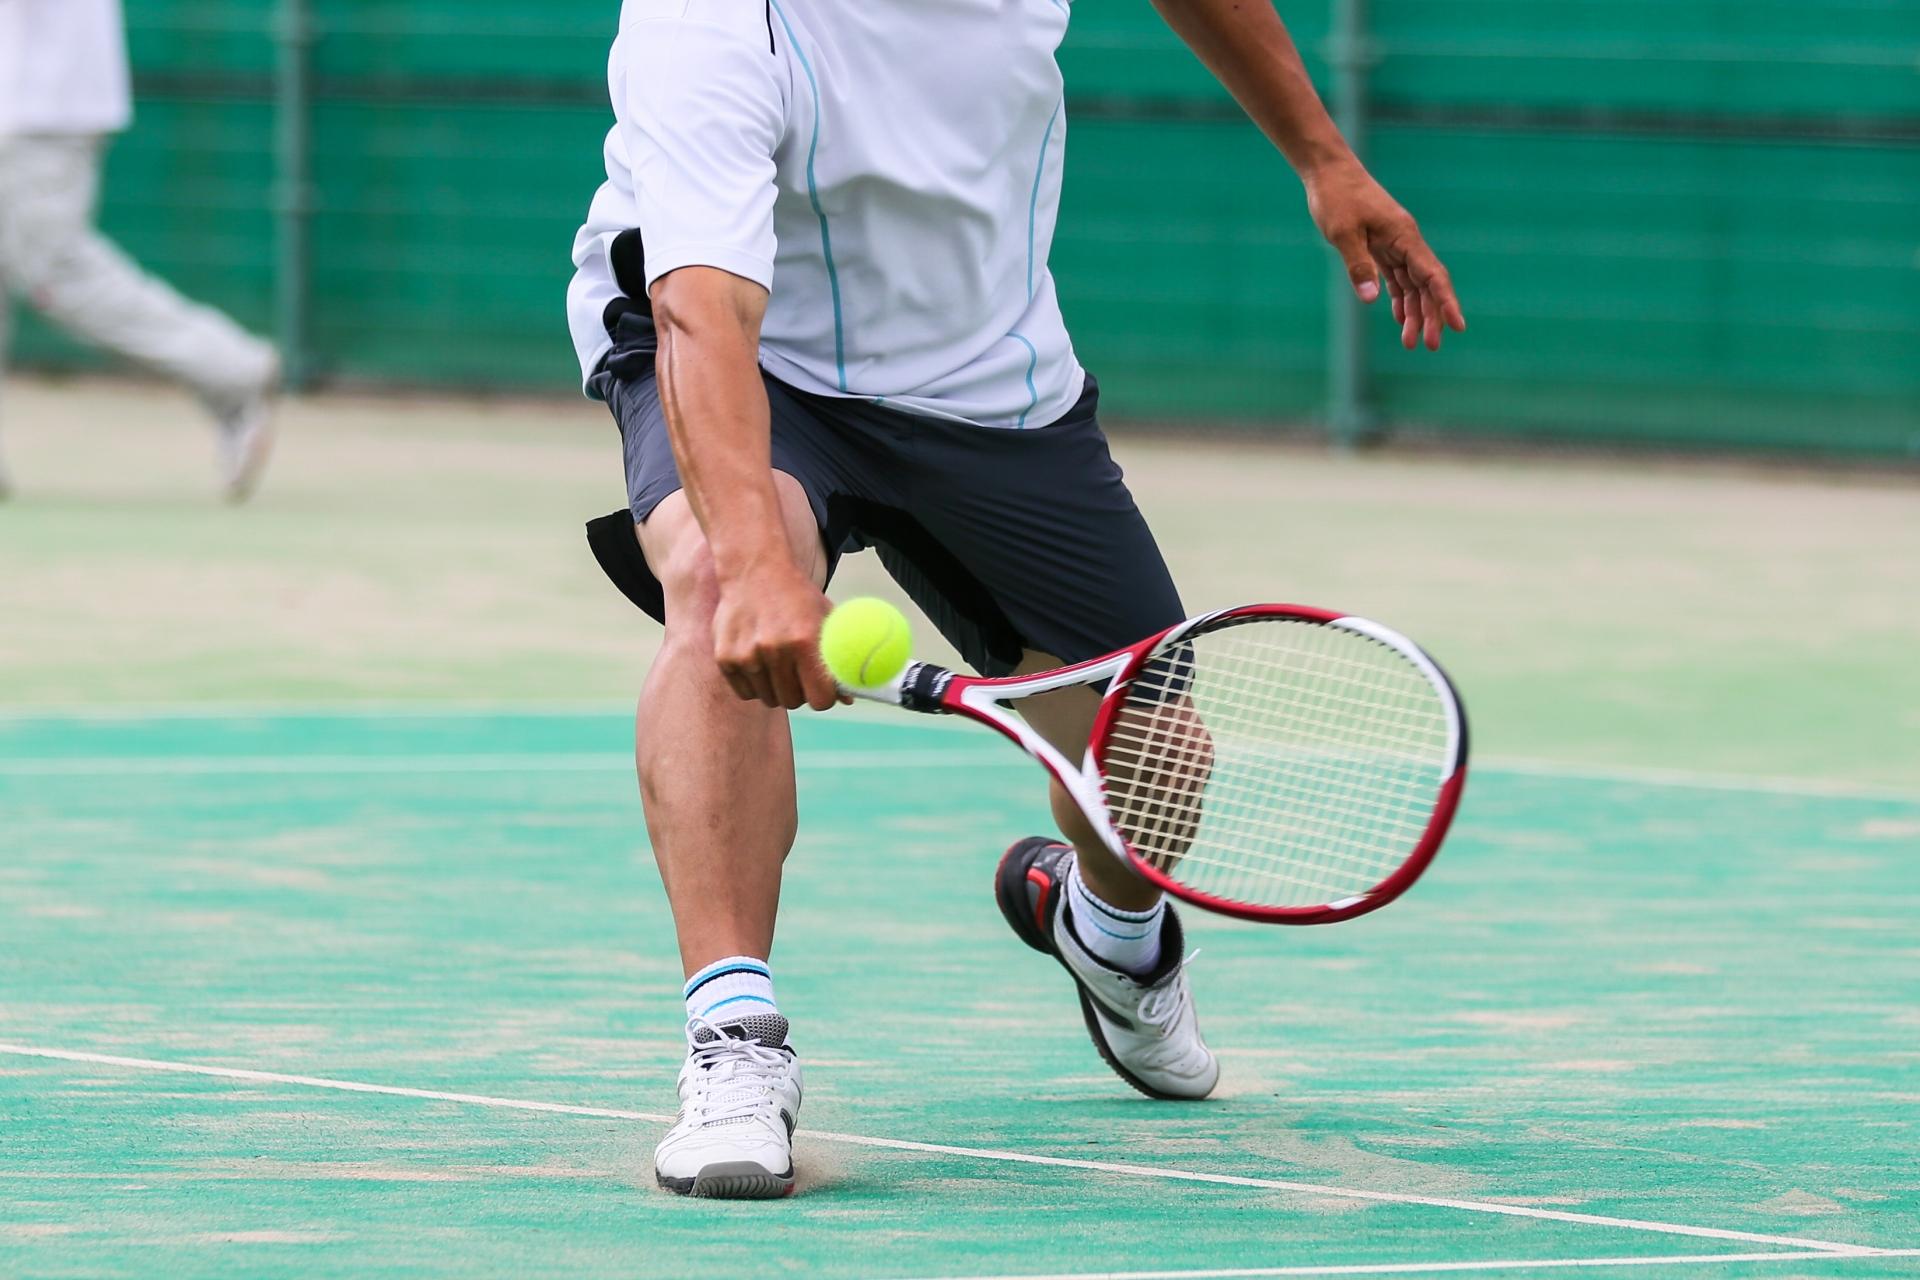 テニスの練習メニュー初心者向け!ショートラリーで距離間を掴む